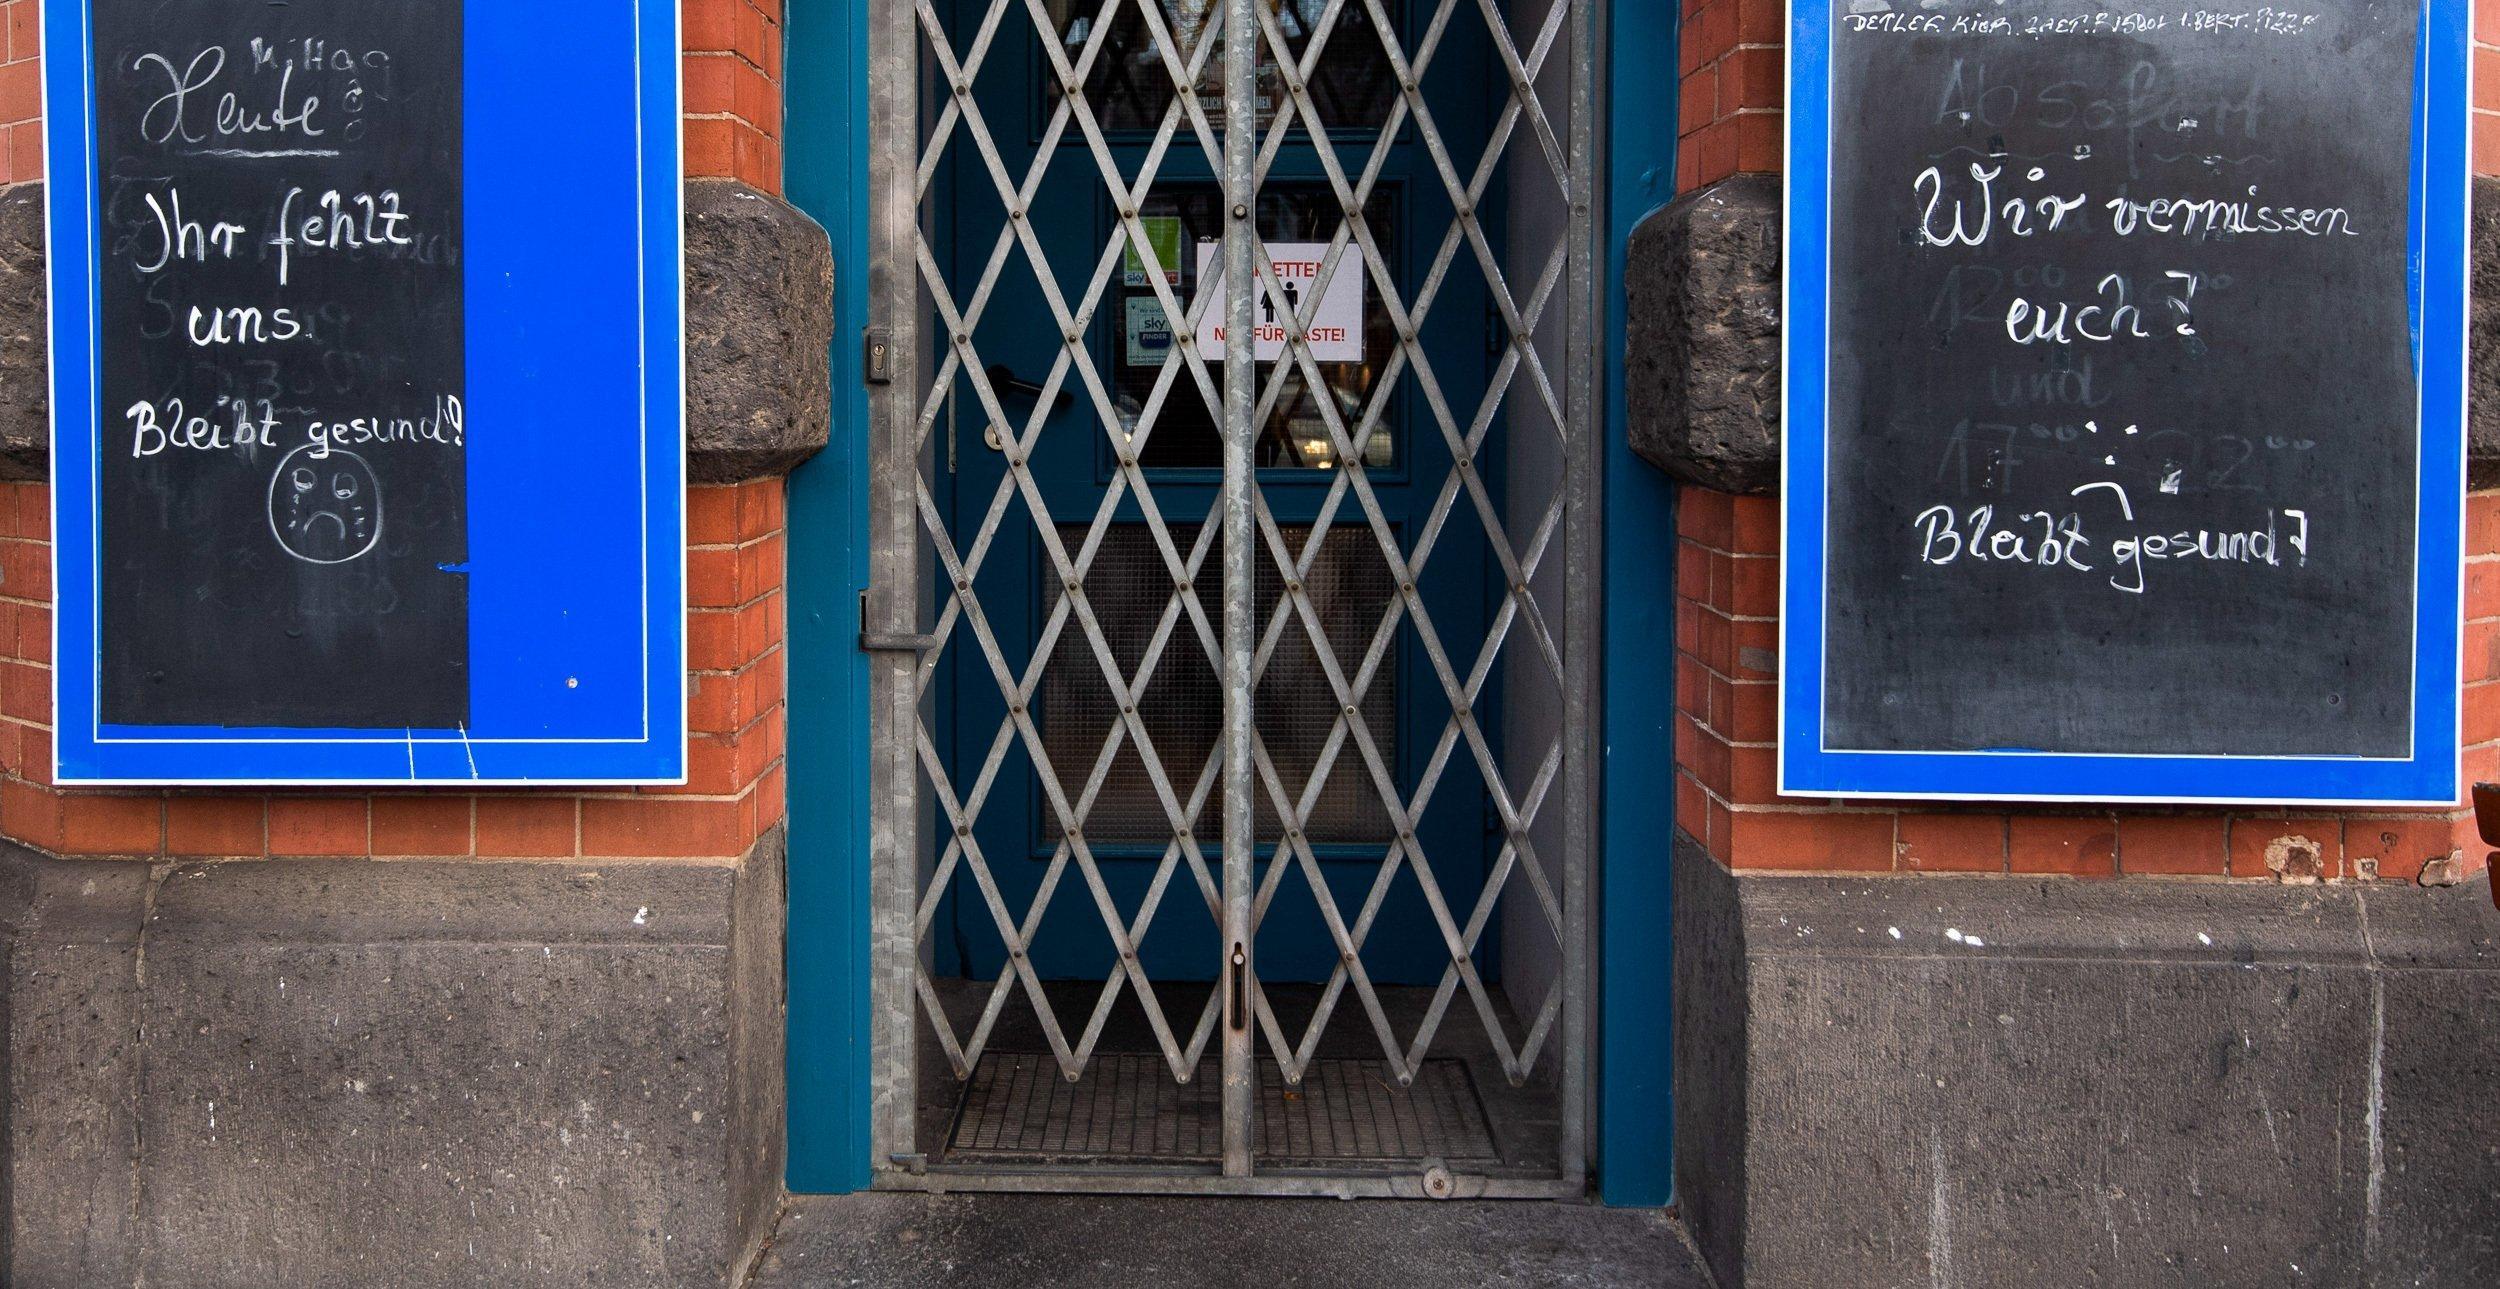 """""""Ihr fehlt uns. Bleibt gesund!"""" und """"Wir vermissen euch."""" – Zwei Tafeln neben der Tür einer Kneipe sind mit einem Gitter versperrt."""